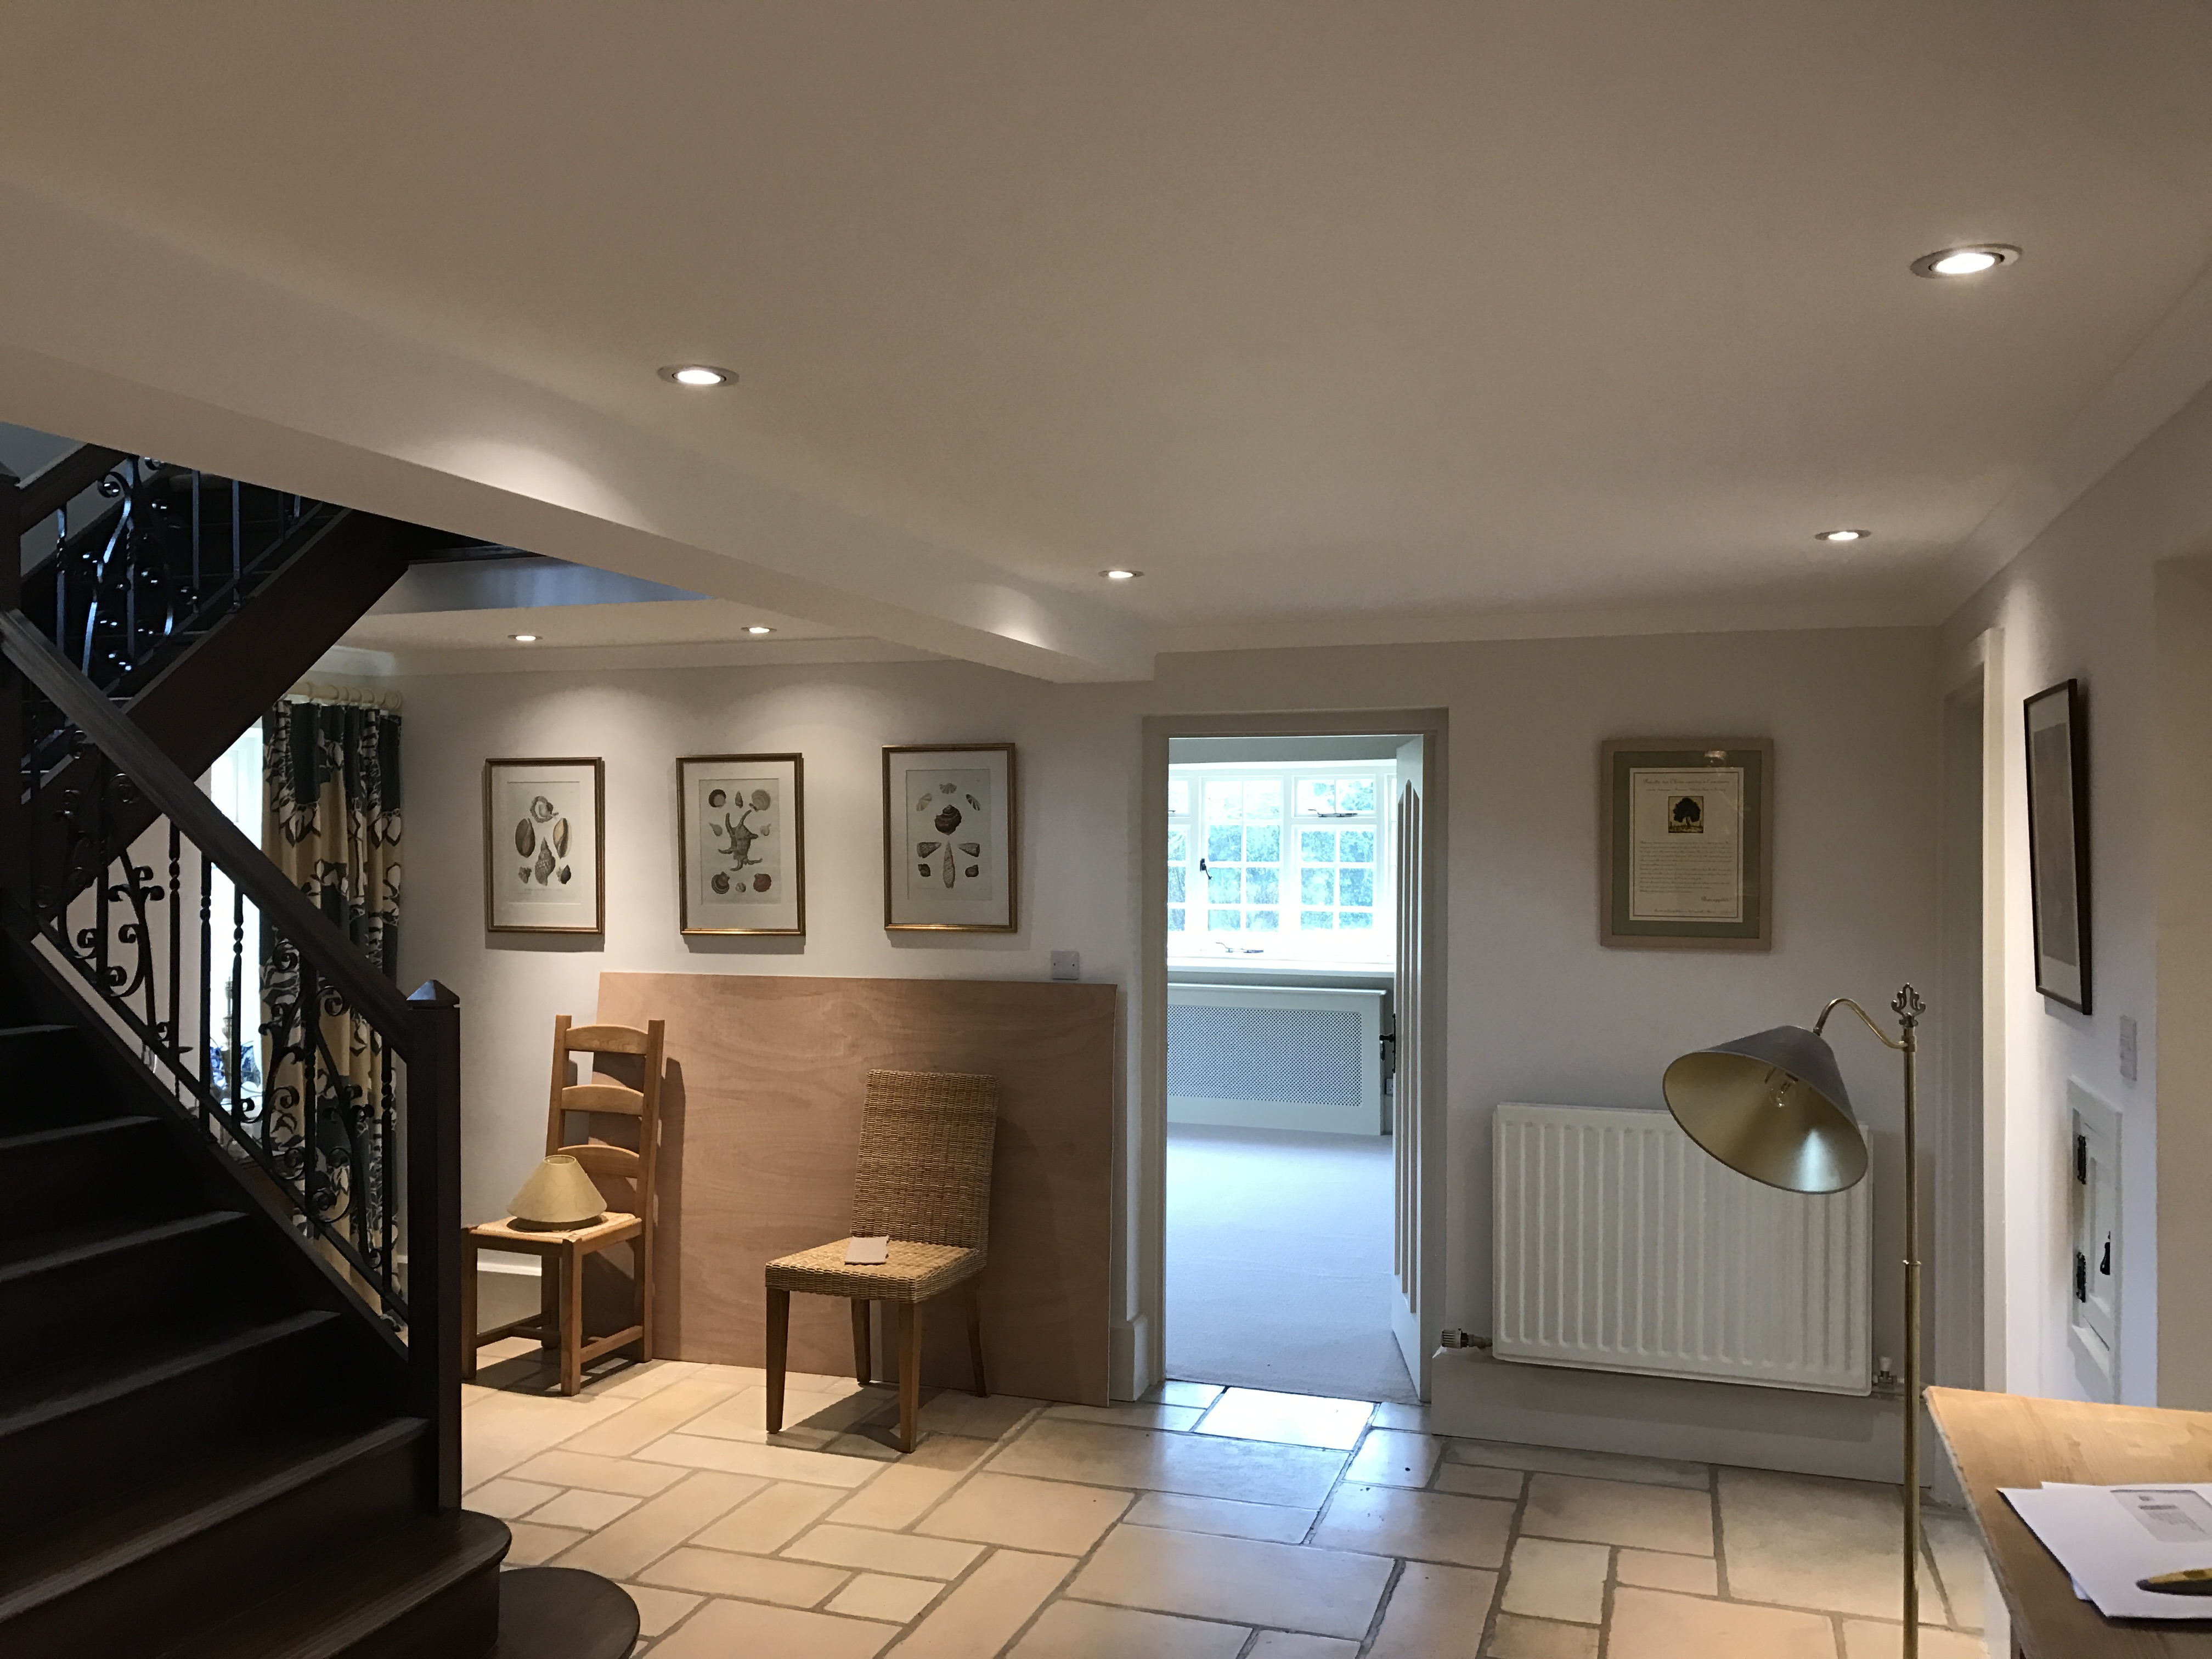 New LED hall and lounge wall lighting